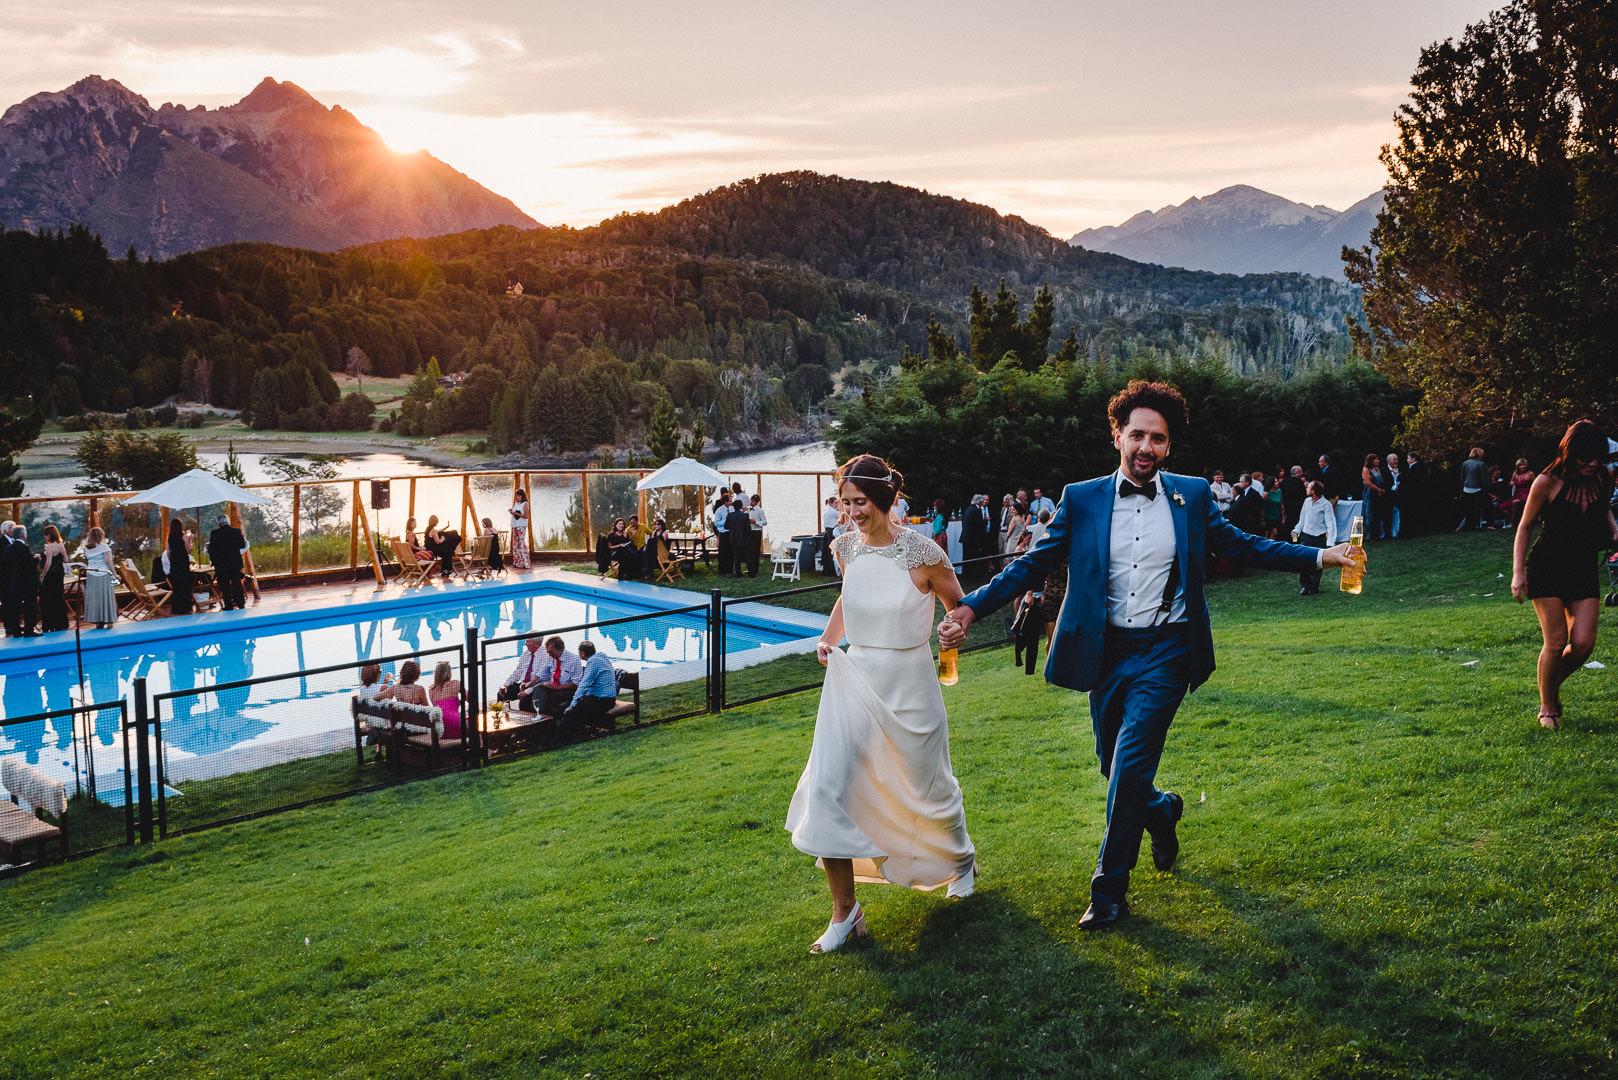 fotografo casamiento bariloche argentina